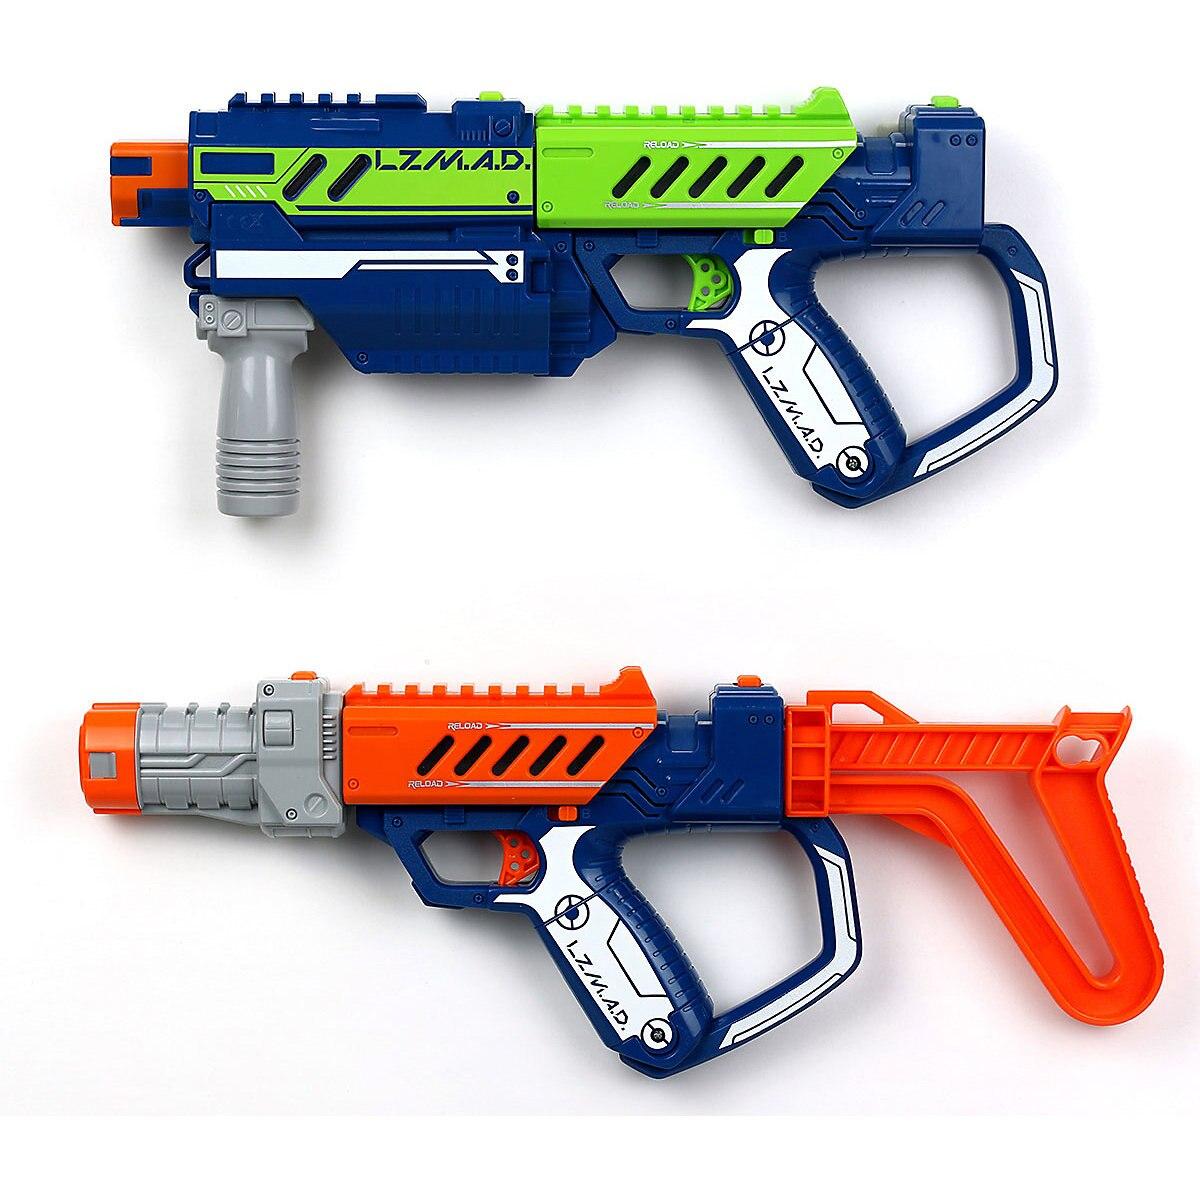 Silverlit Toy Guns 8445411 gun weapon toys games pneumatic blaster boy orbiz revolver Outdoor Fun Sports